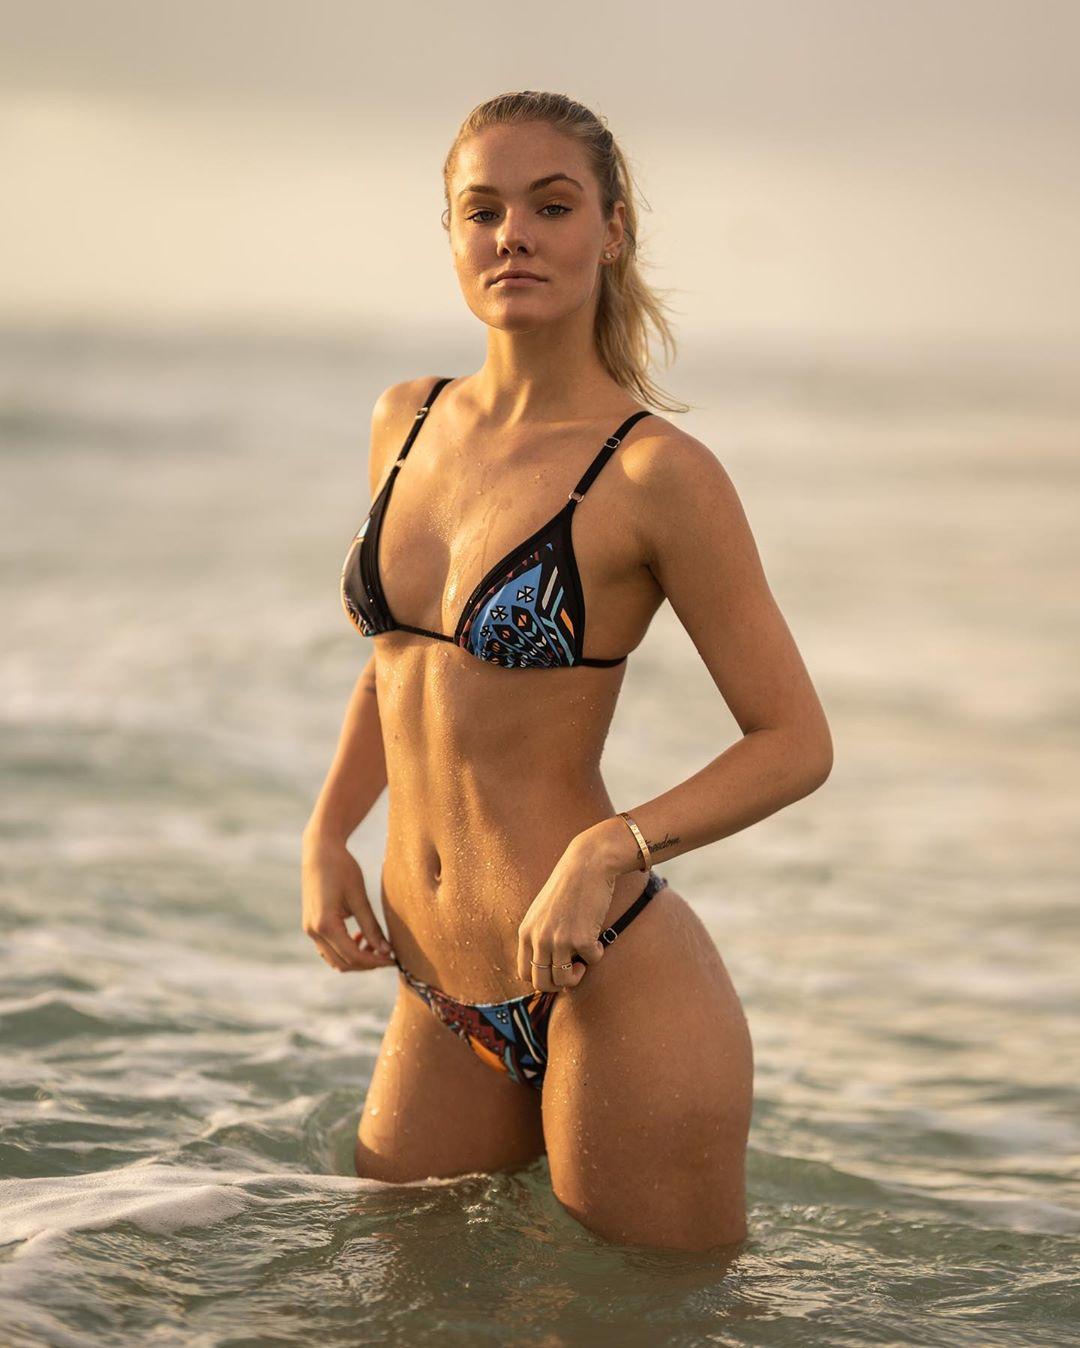 Angelique kerber bikini pictures